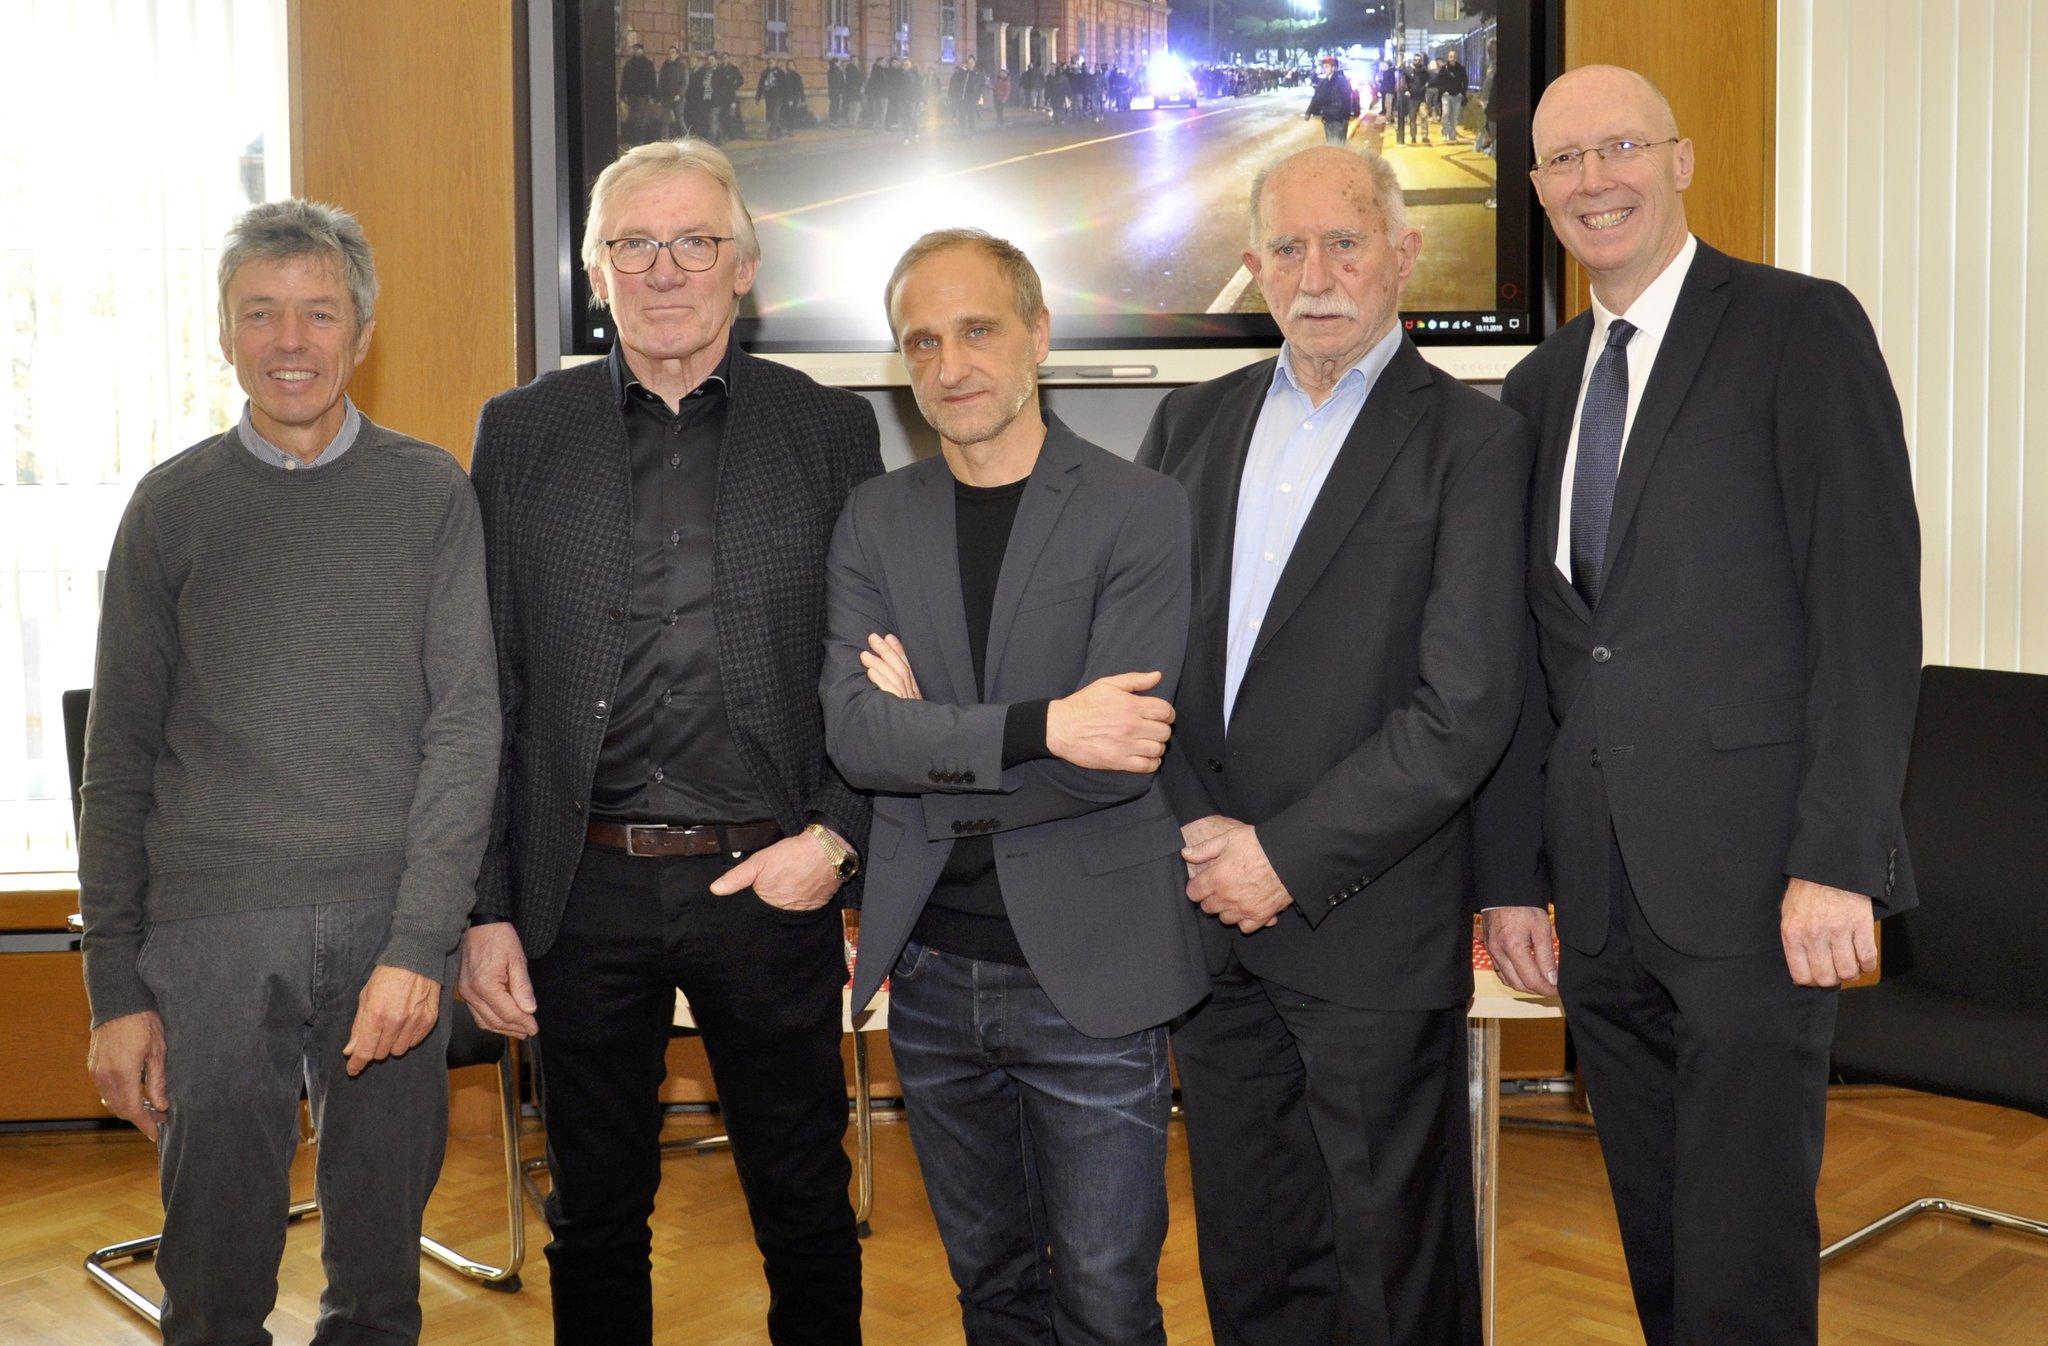 Ausstellung im Rathaus: Kneipen-Talk mit Freibier im Rathaus - Lokalkompass.de